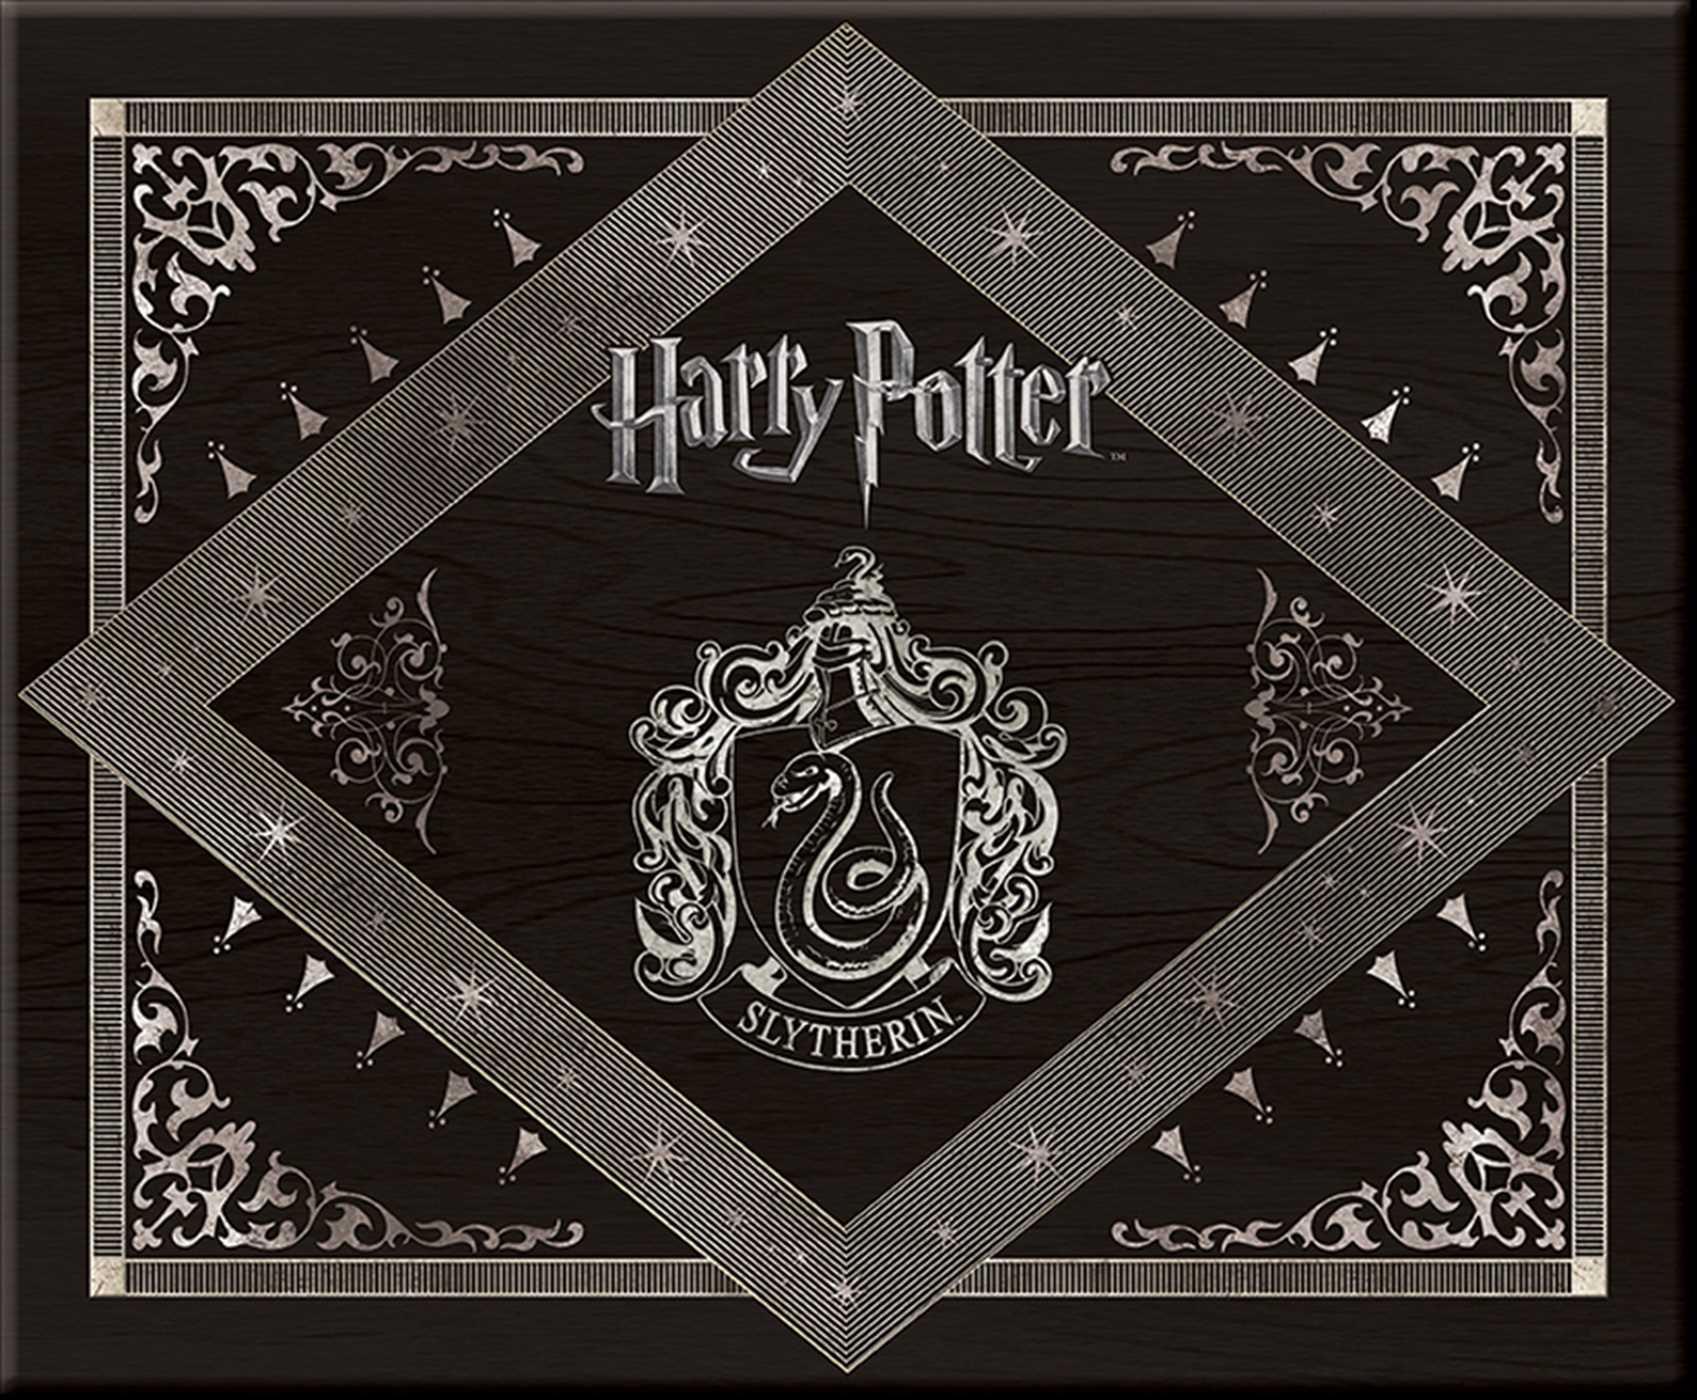 Harry Potter Slytherin Deluxe Stationery Set 9781608876150 Hr